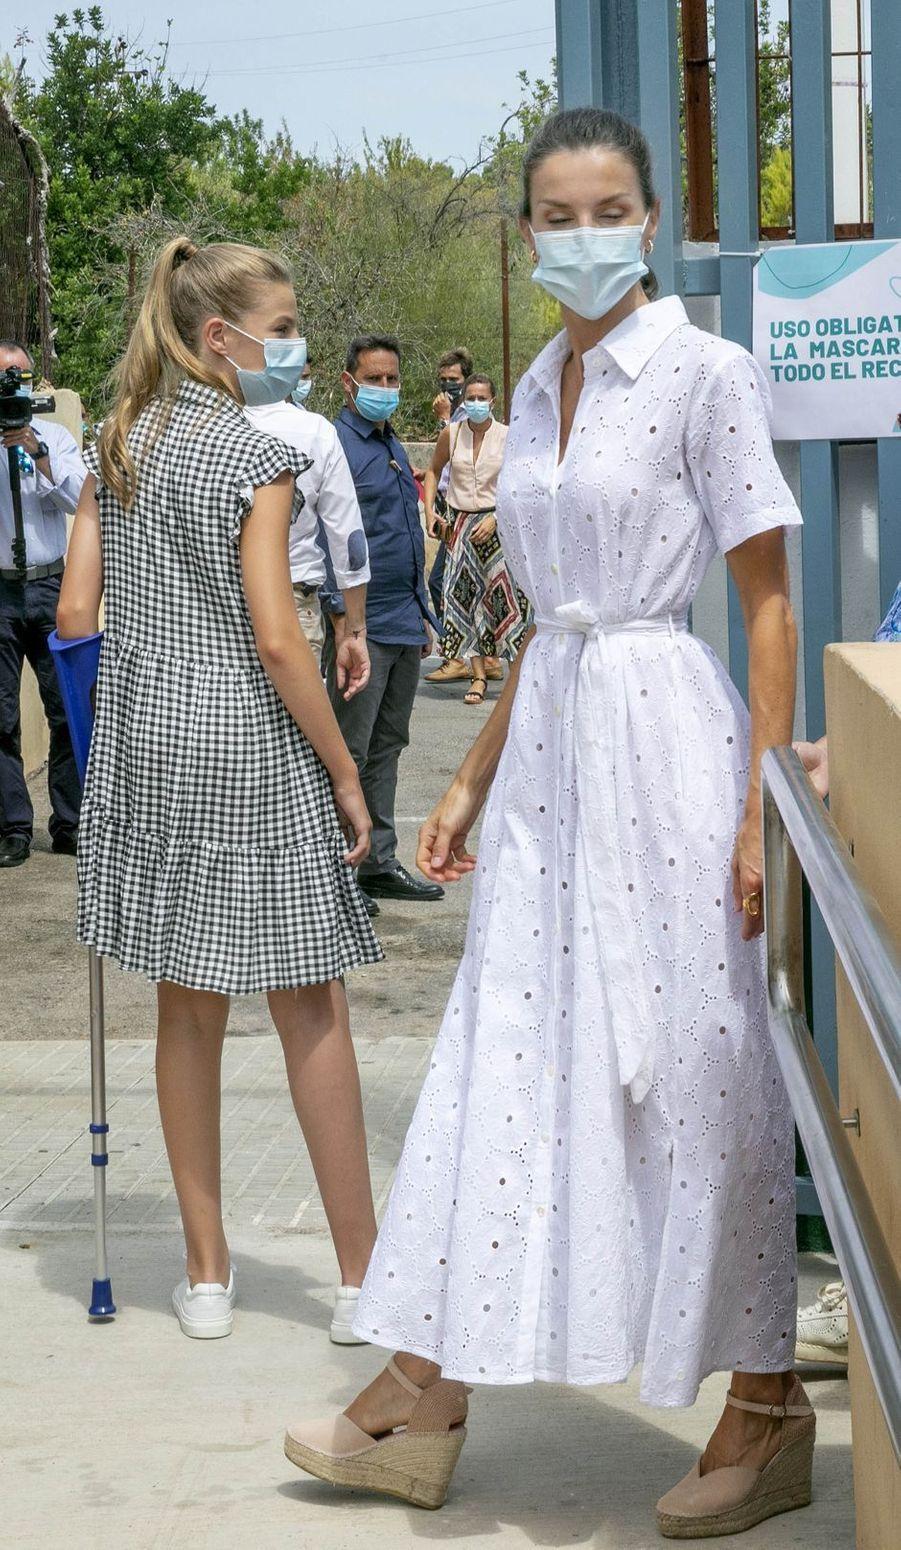 La reine Letizia d'Espagne à Palma sur l'île de Majorque, le 11 août 2020